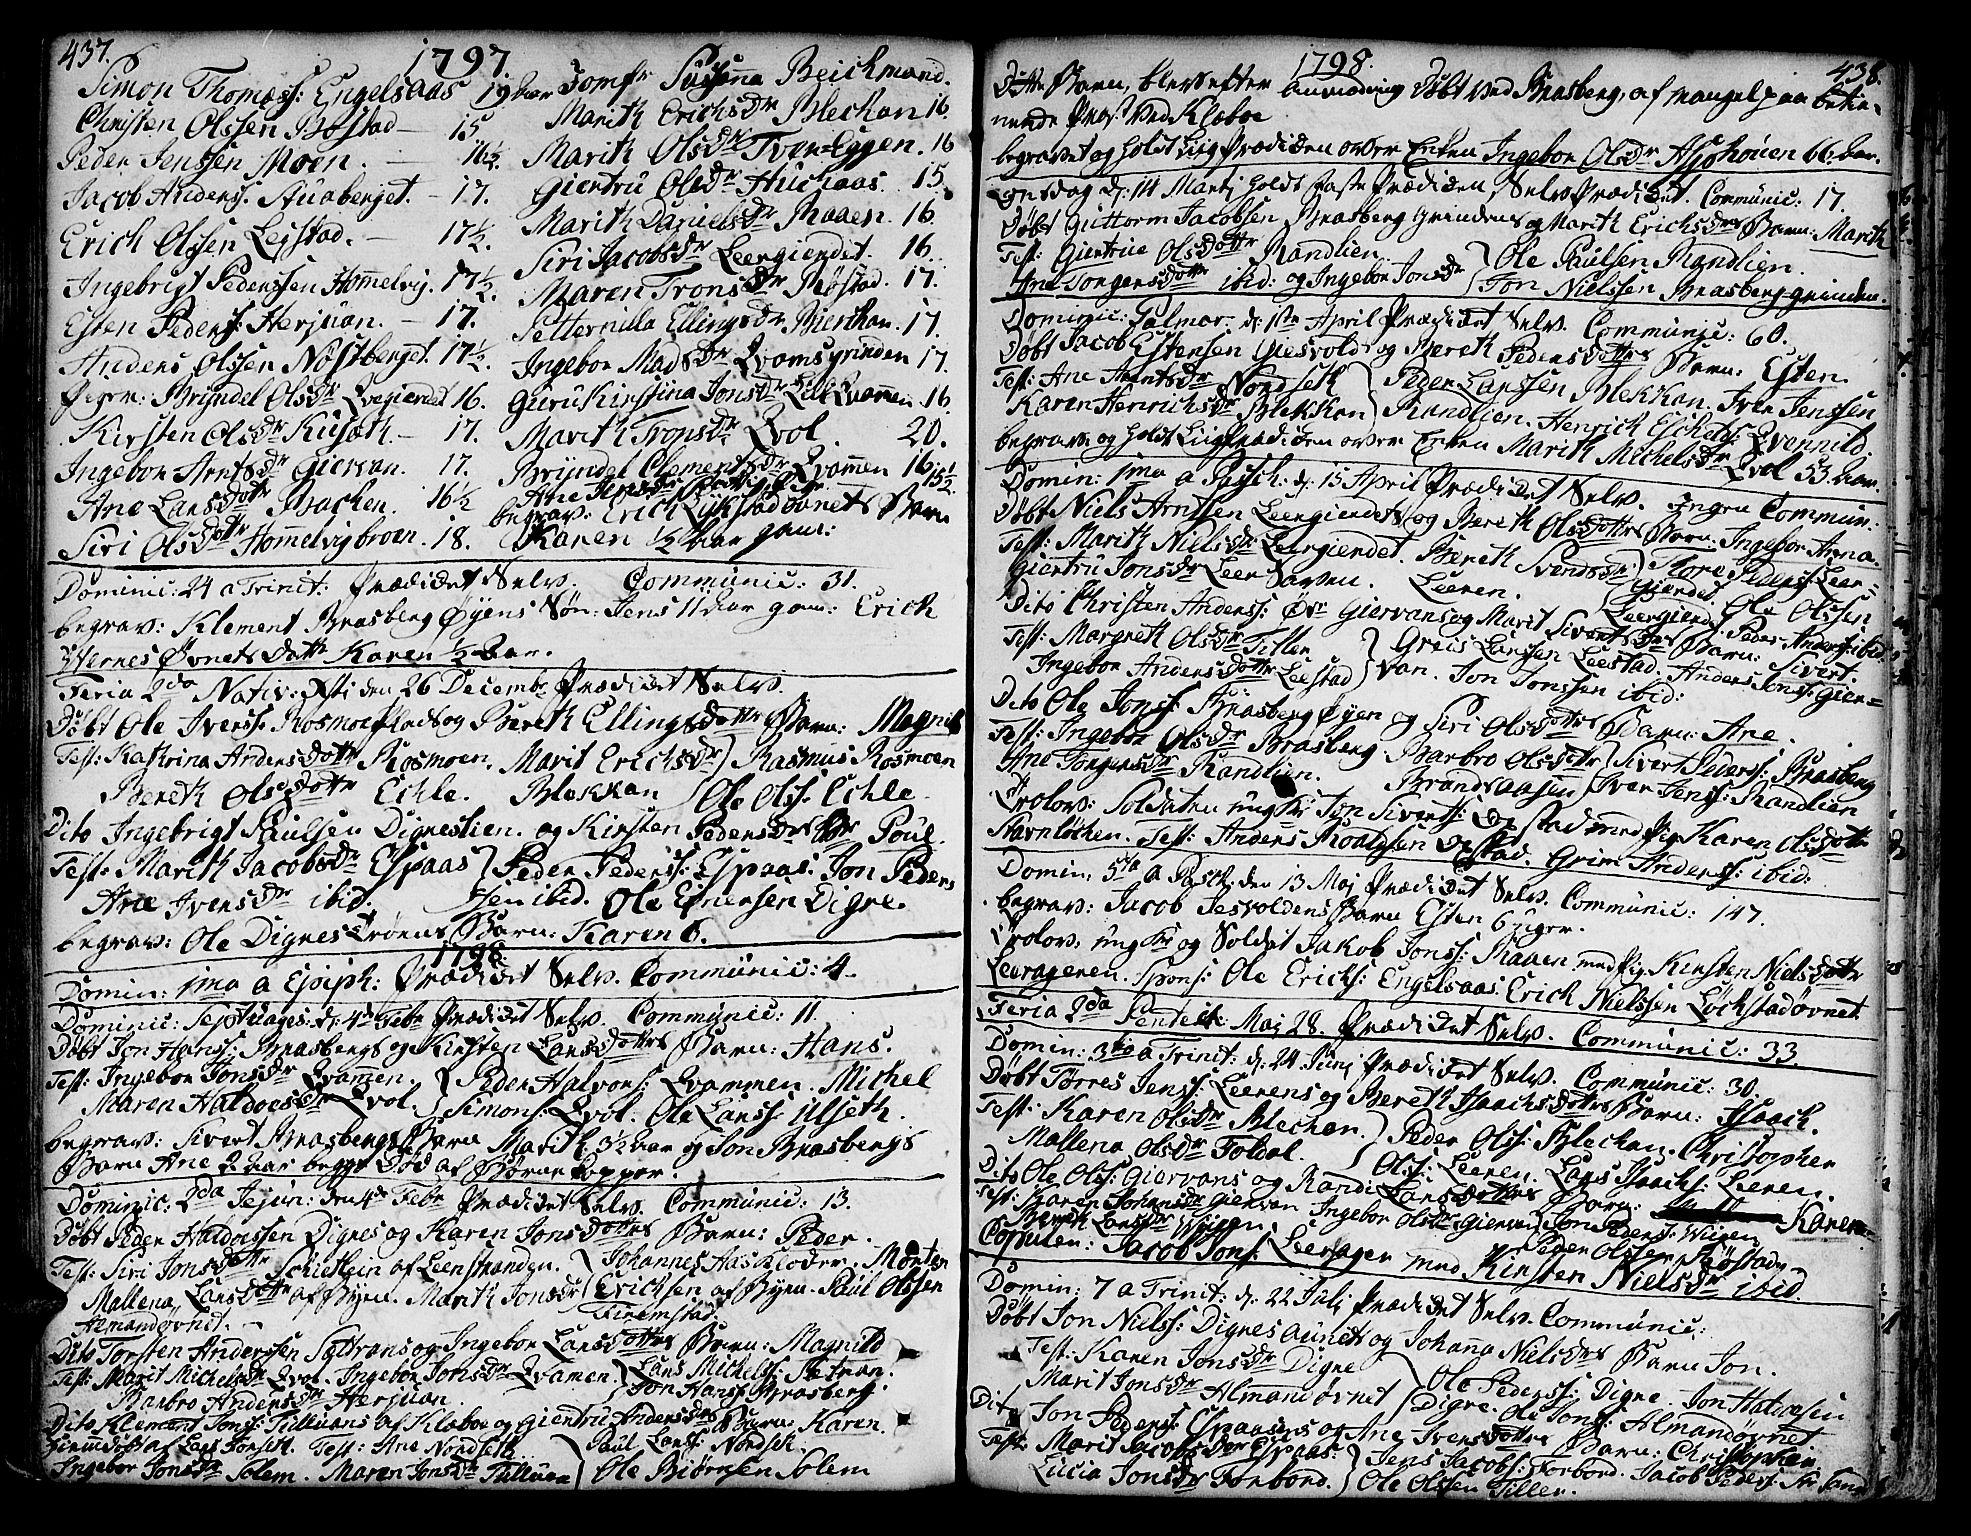 SAT, Ministerialprotokoller, klokkerbøker og fødselsregistre - Sør-Trøndelag, 606/L0282: Ministerialbok nr. 606A02 /3, 1781-1817, s. 437-438